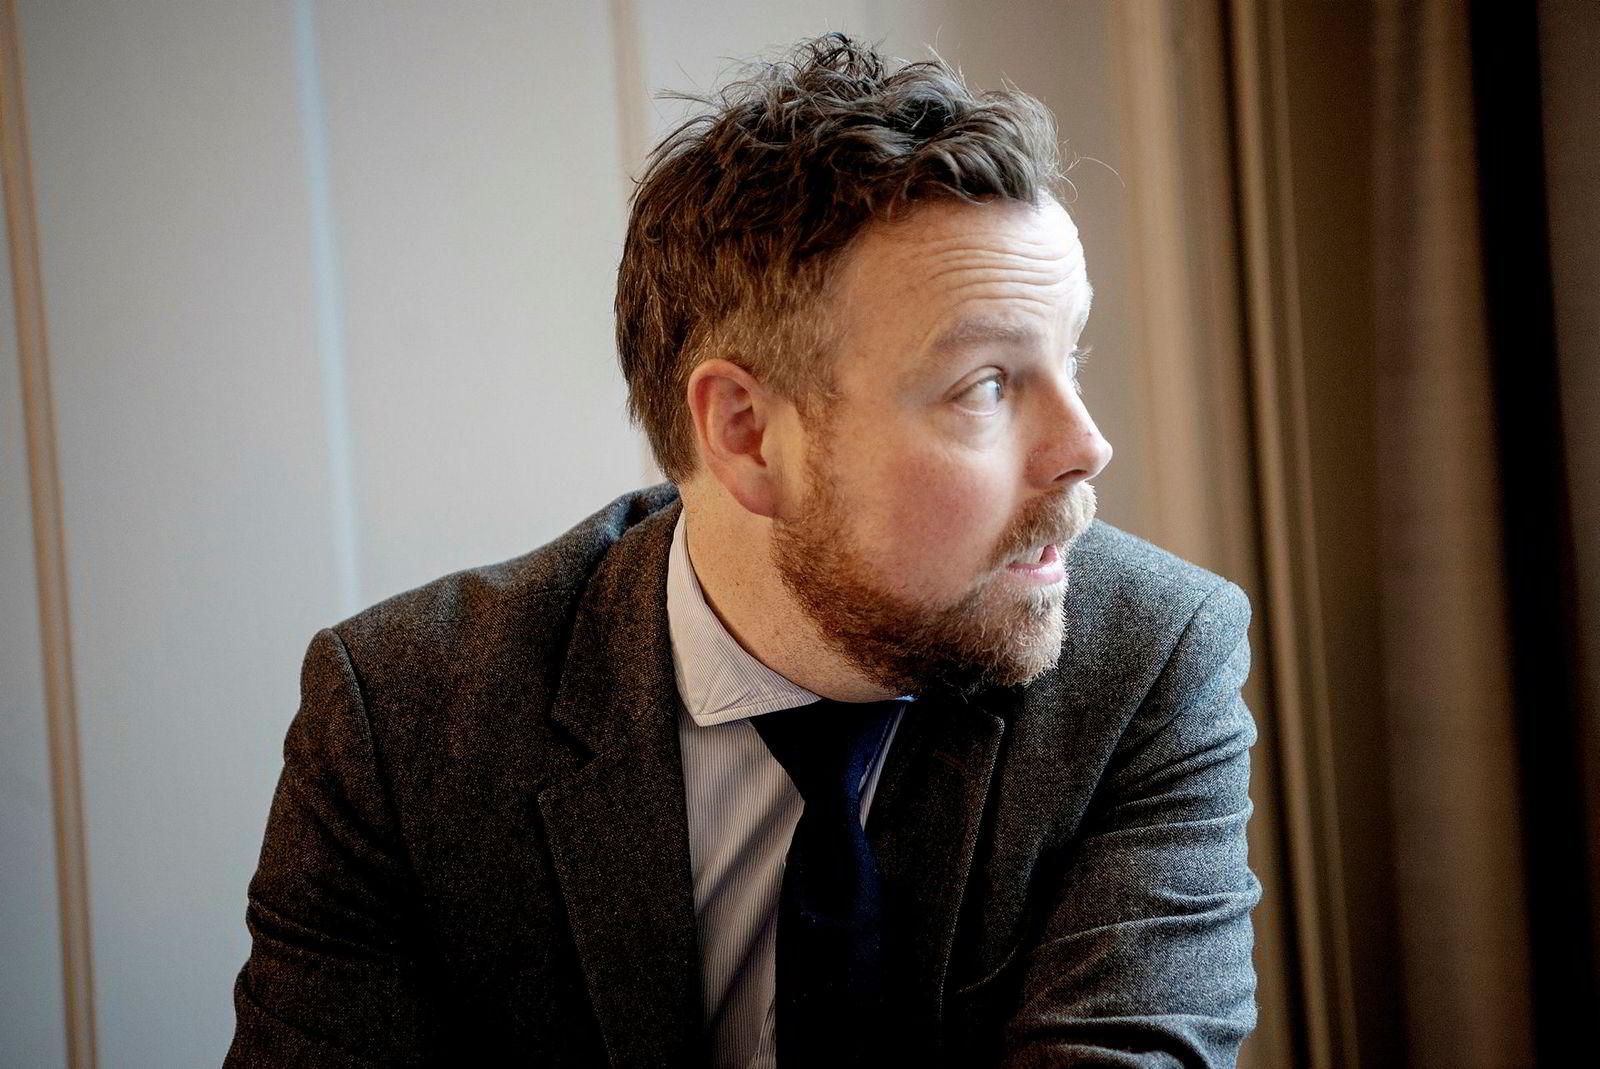 Næringsminister Torbjørn Røe Isaksen (H) skjønner at turistprovisjoner kan være et problem.